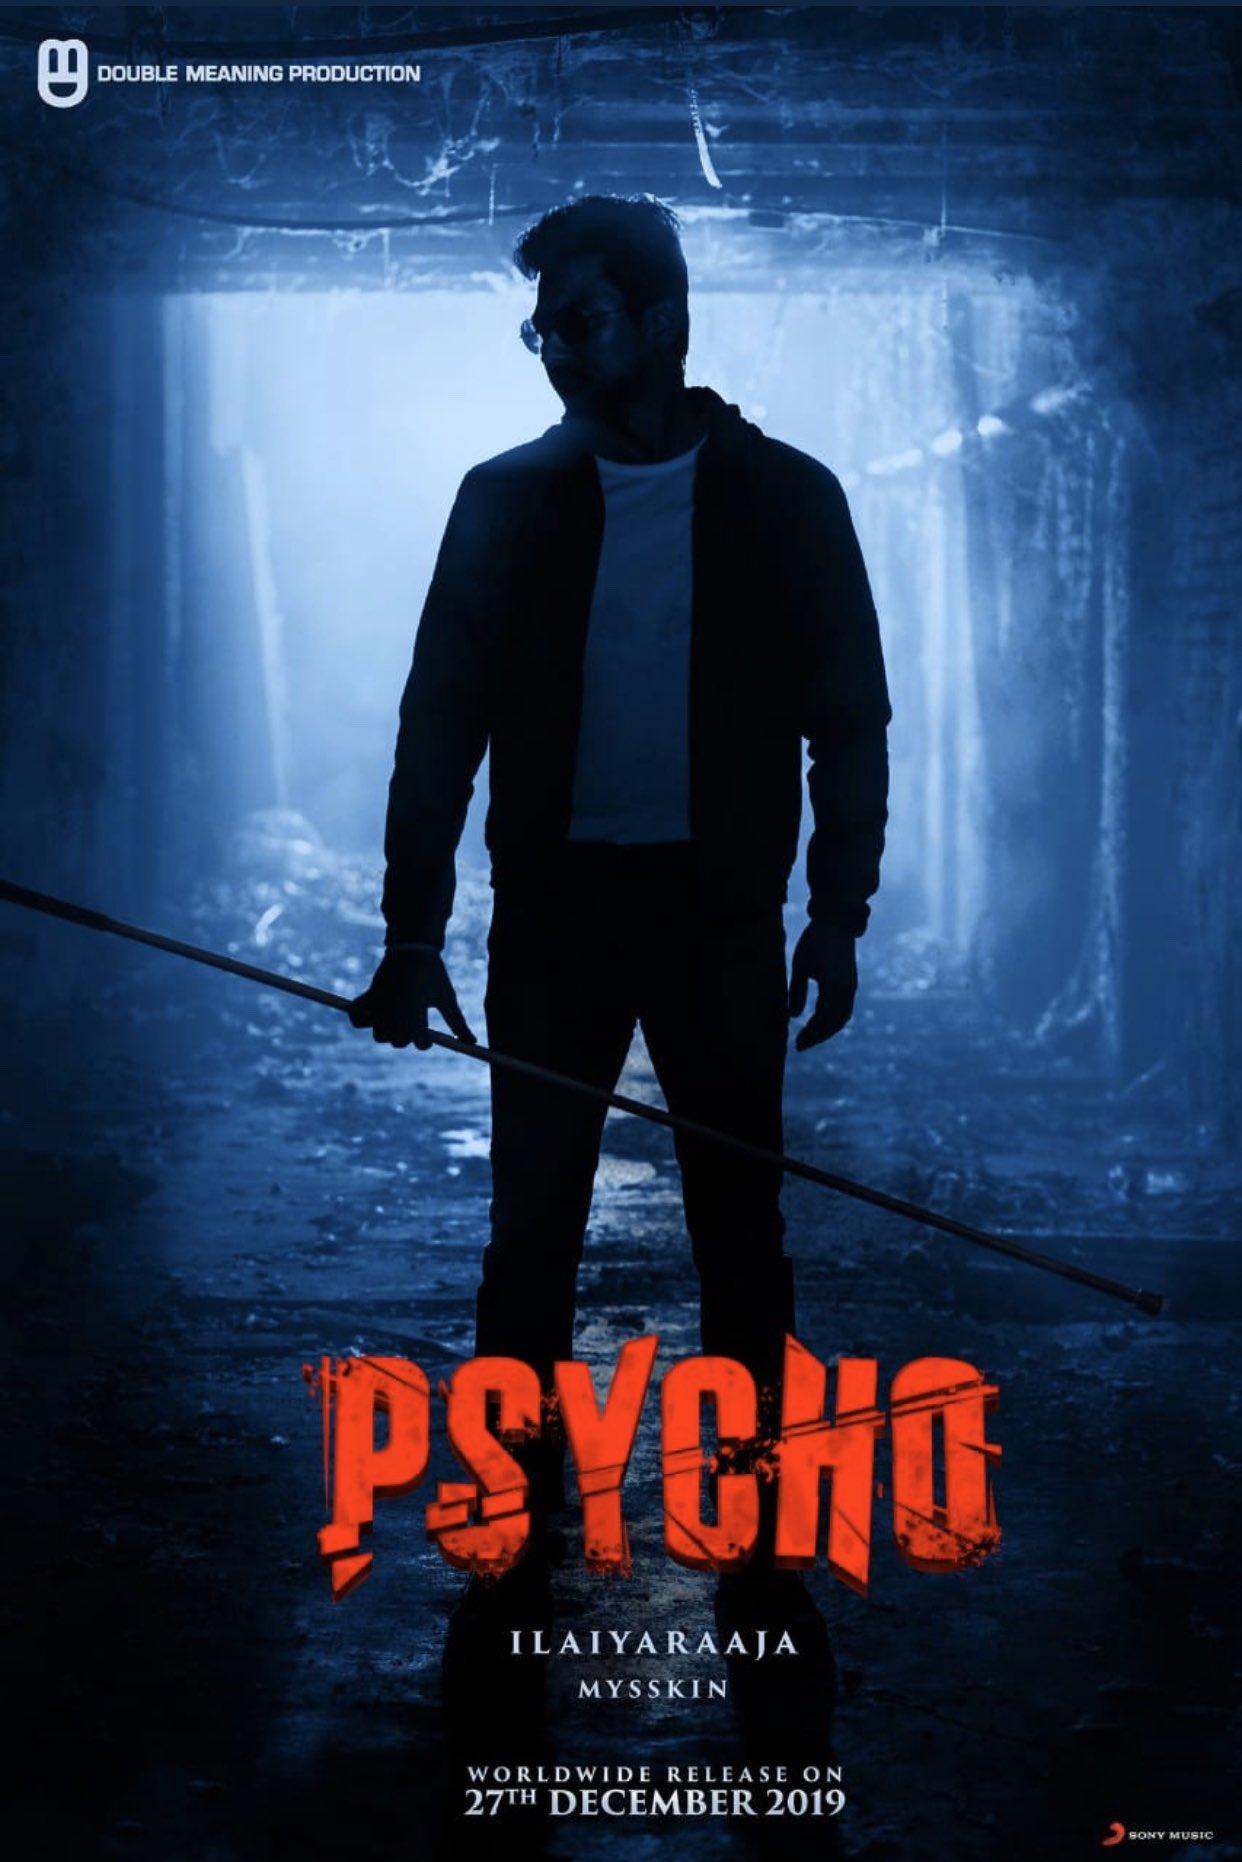 Mysskin Udhayanidhi Stalin Psycho movie release date on December 27 2019